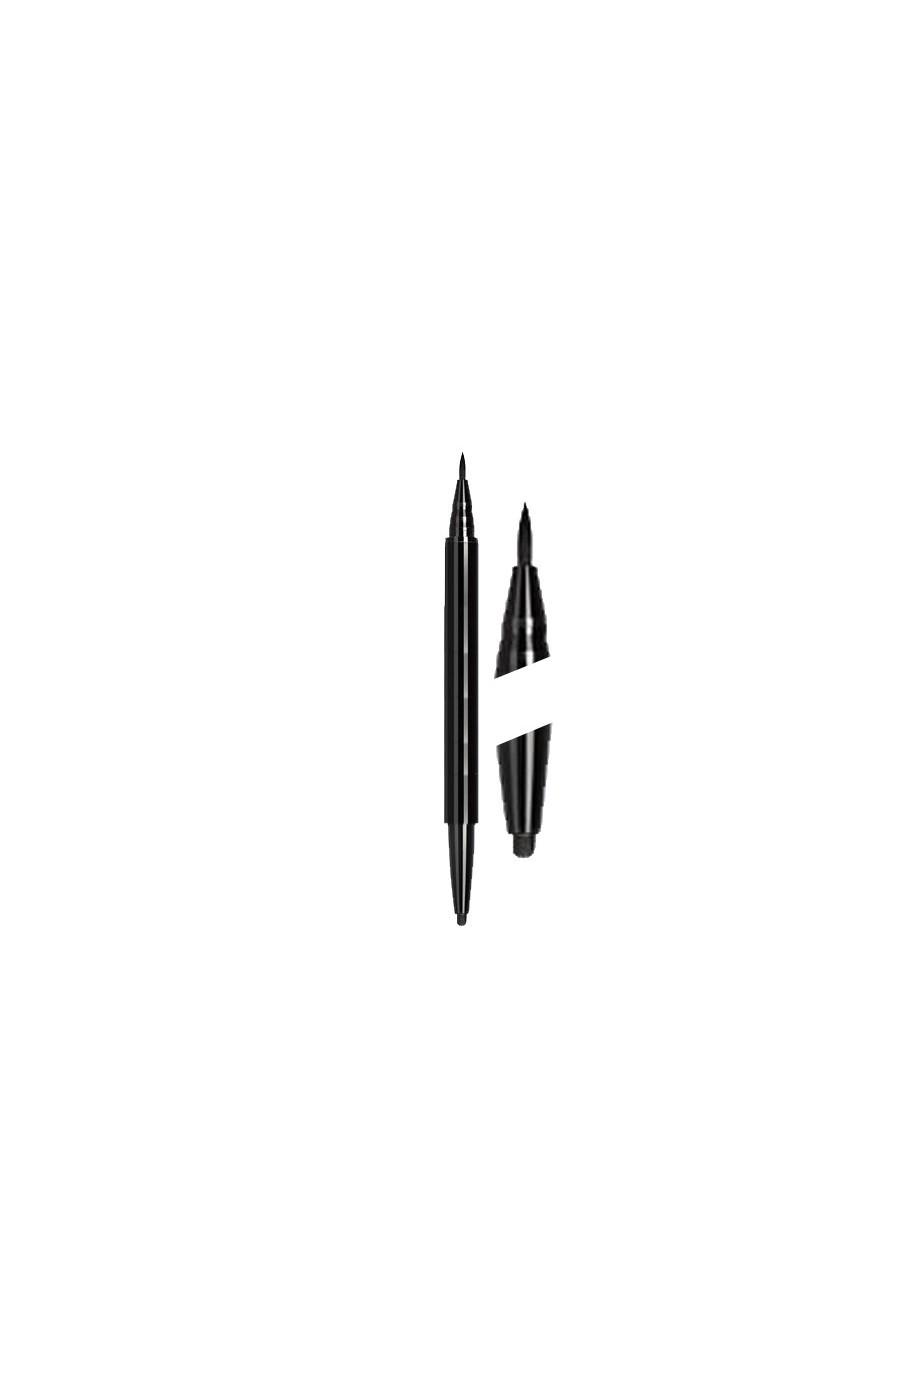 Trucco Matita Nera bipunta da una parte sottile e dall'altra grossa